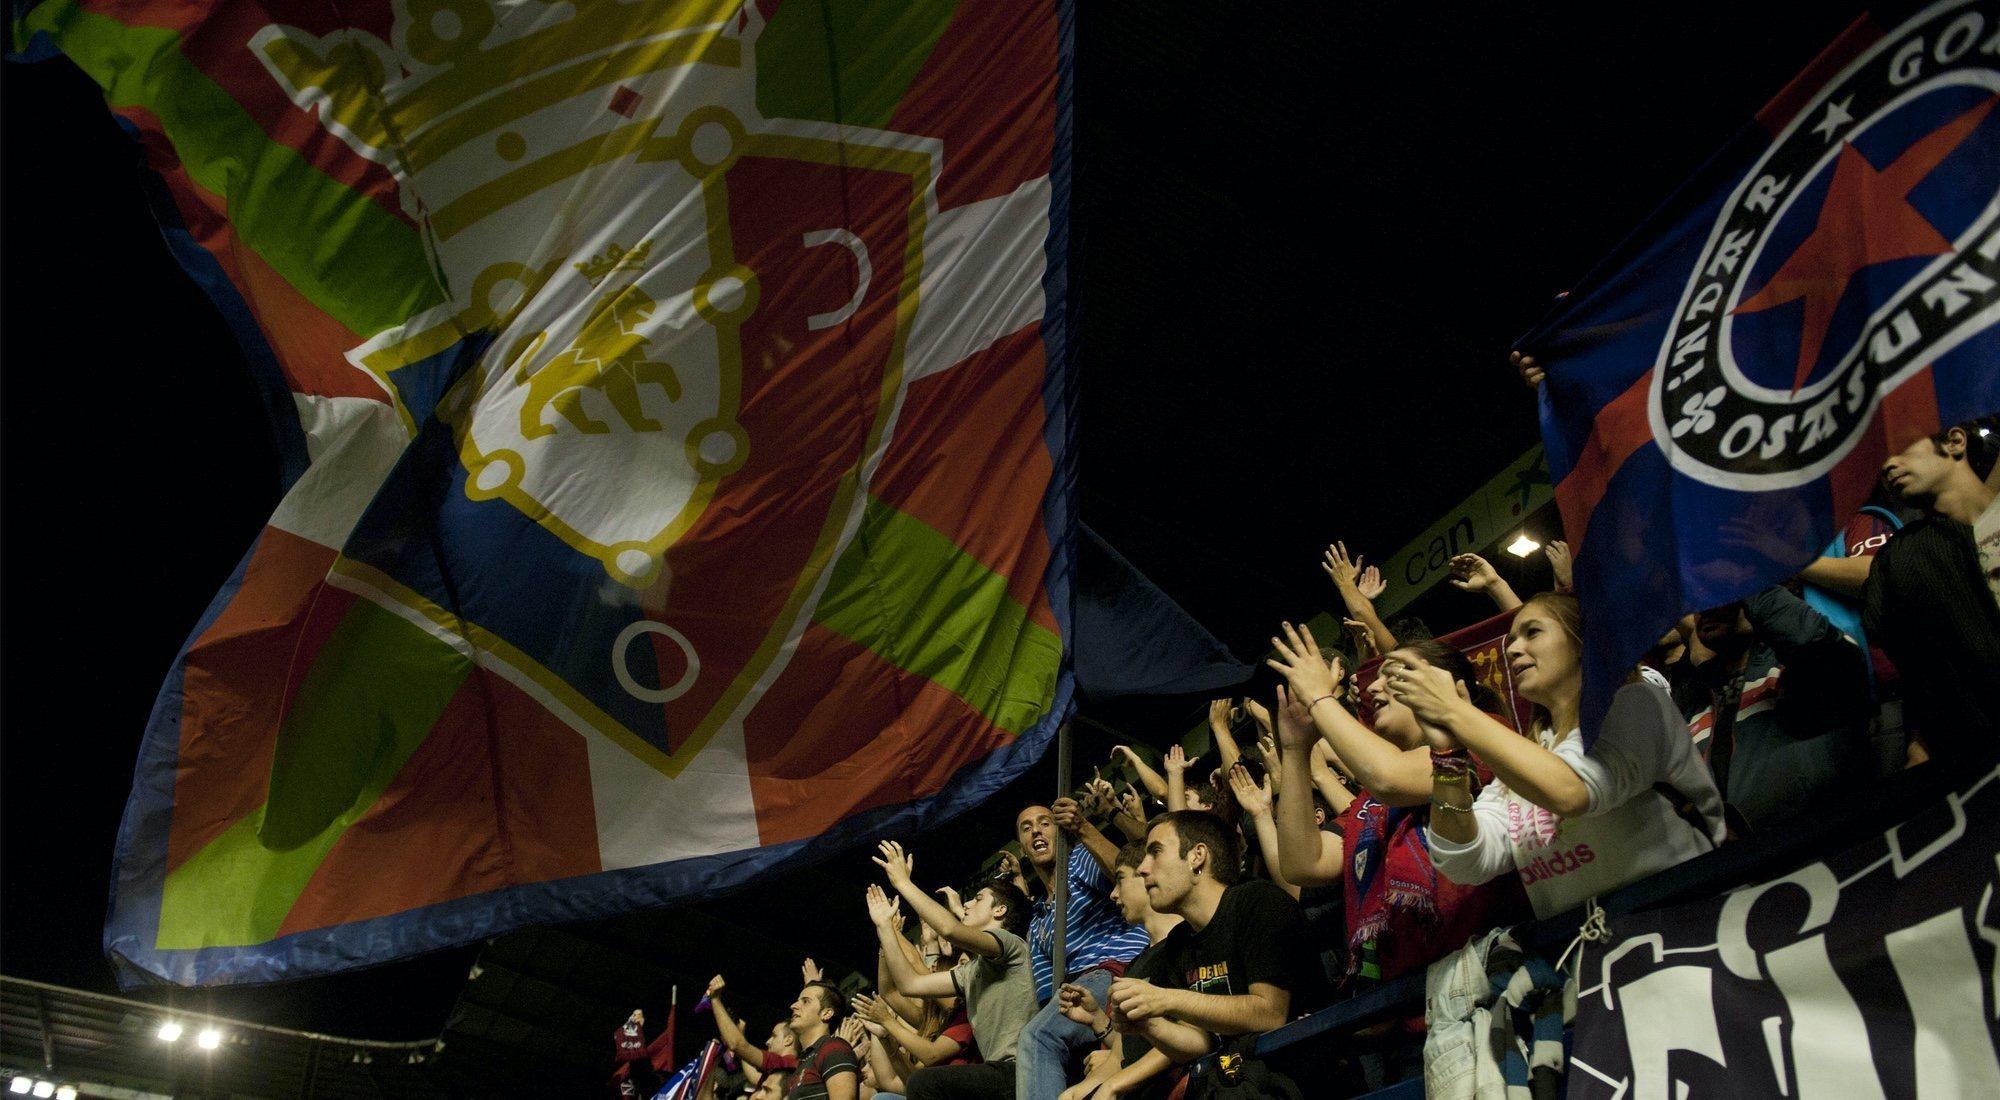 El 'caso Oikos', y el intento del fútbol por taparlo todo